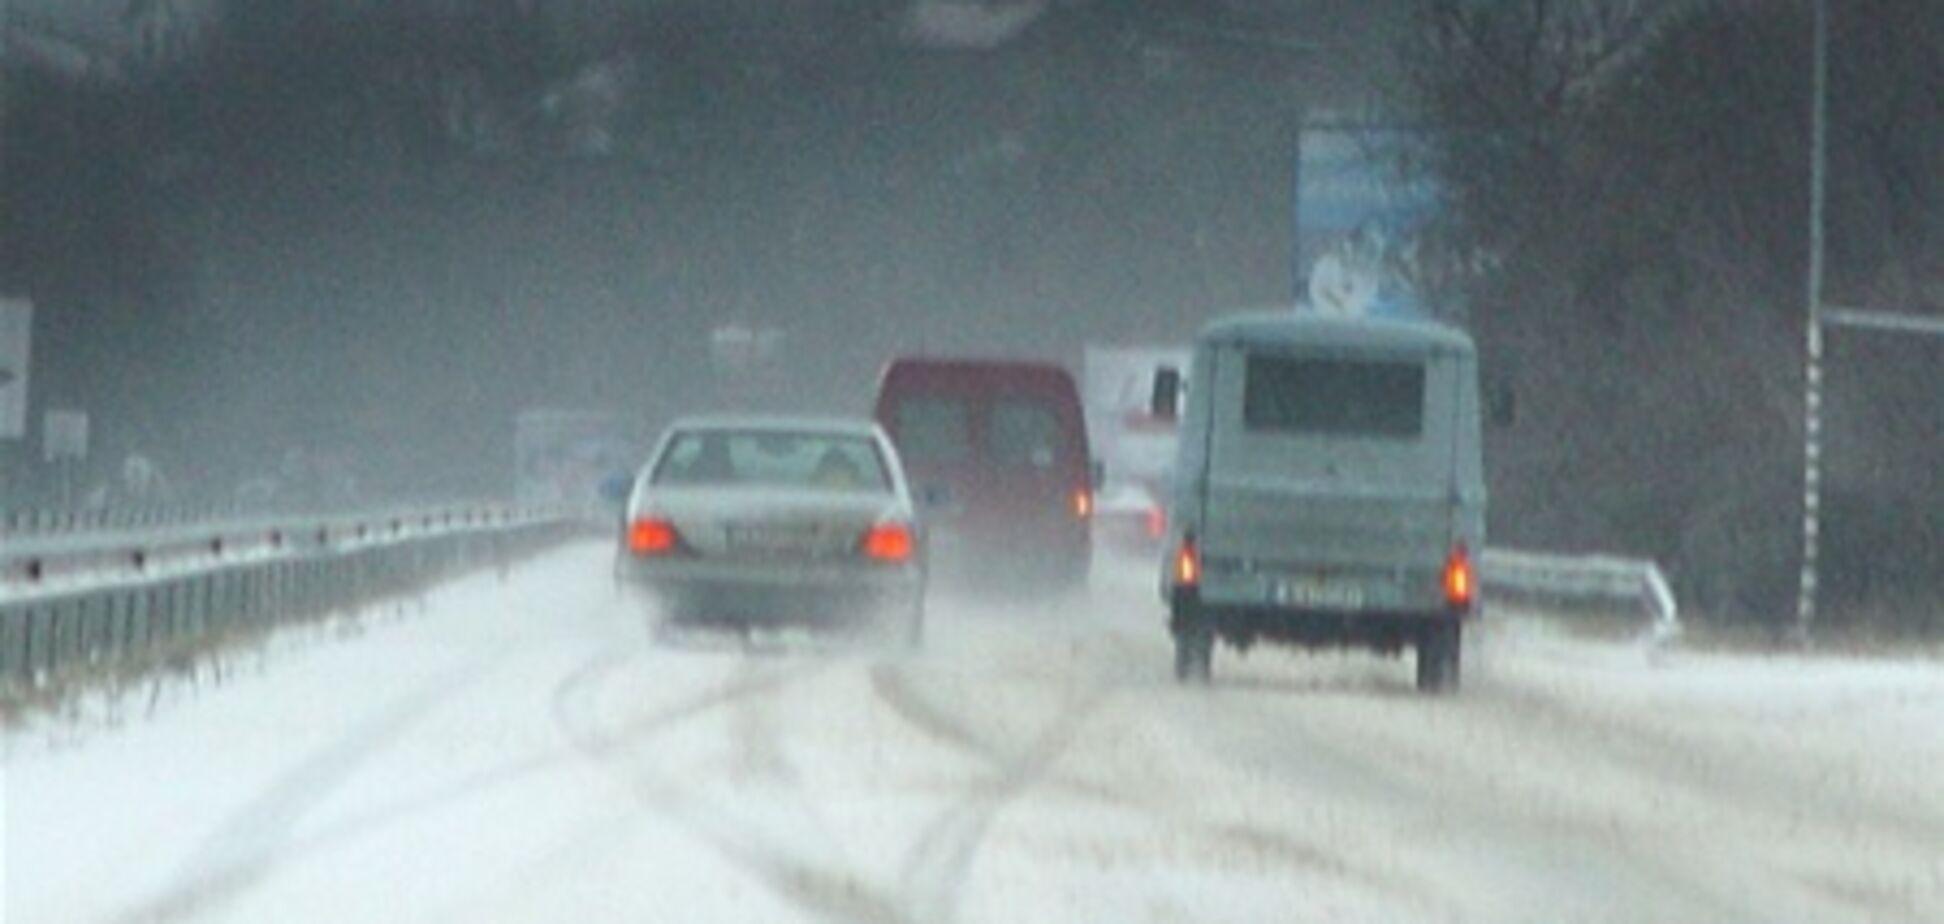 Сильний снігопад ускладнив обстановку на дорогах Болгарії